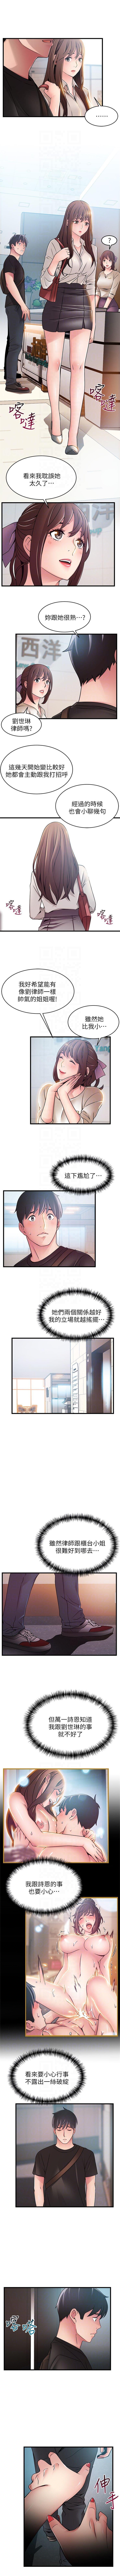 弱点 1-64 中文翻译(更新中) 301